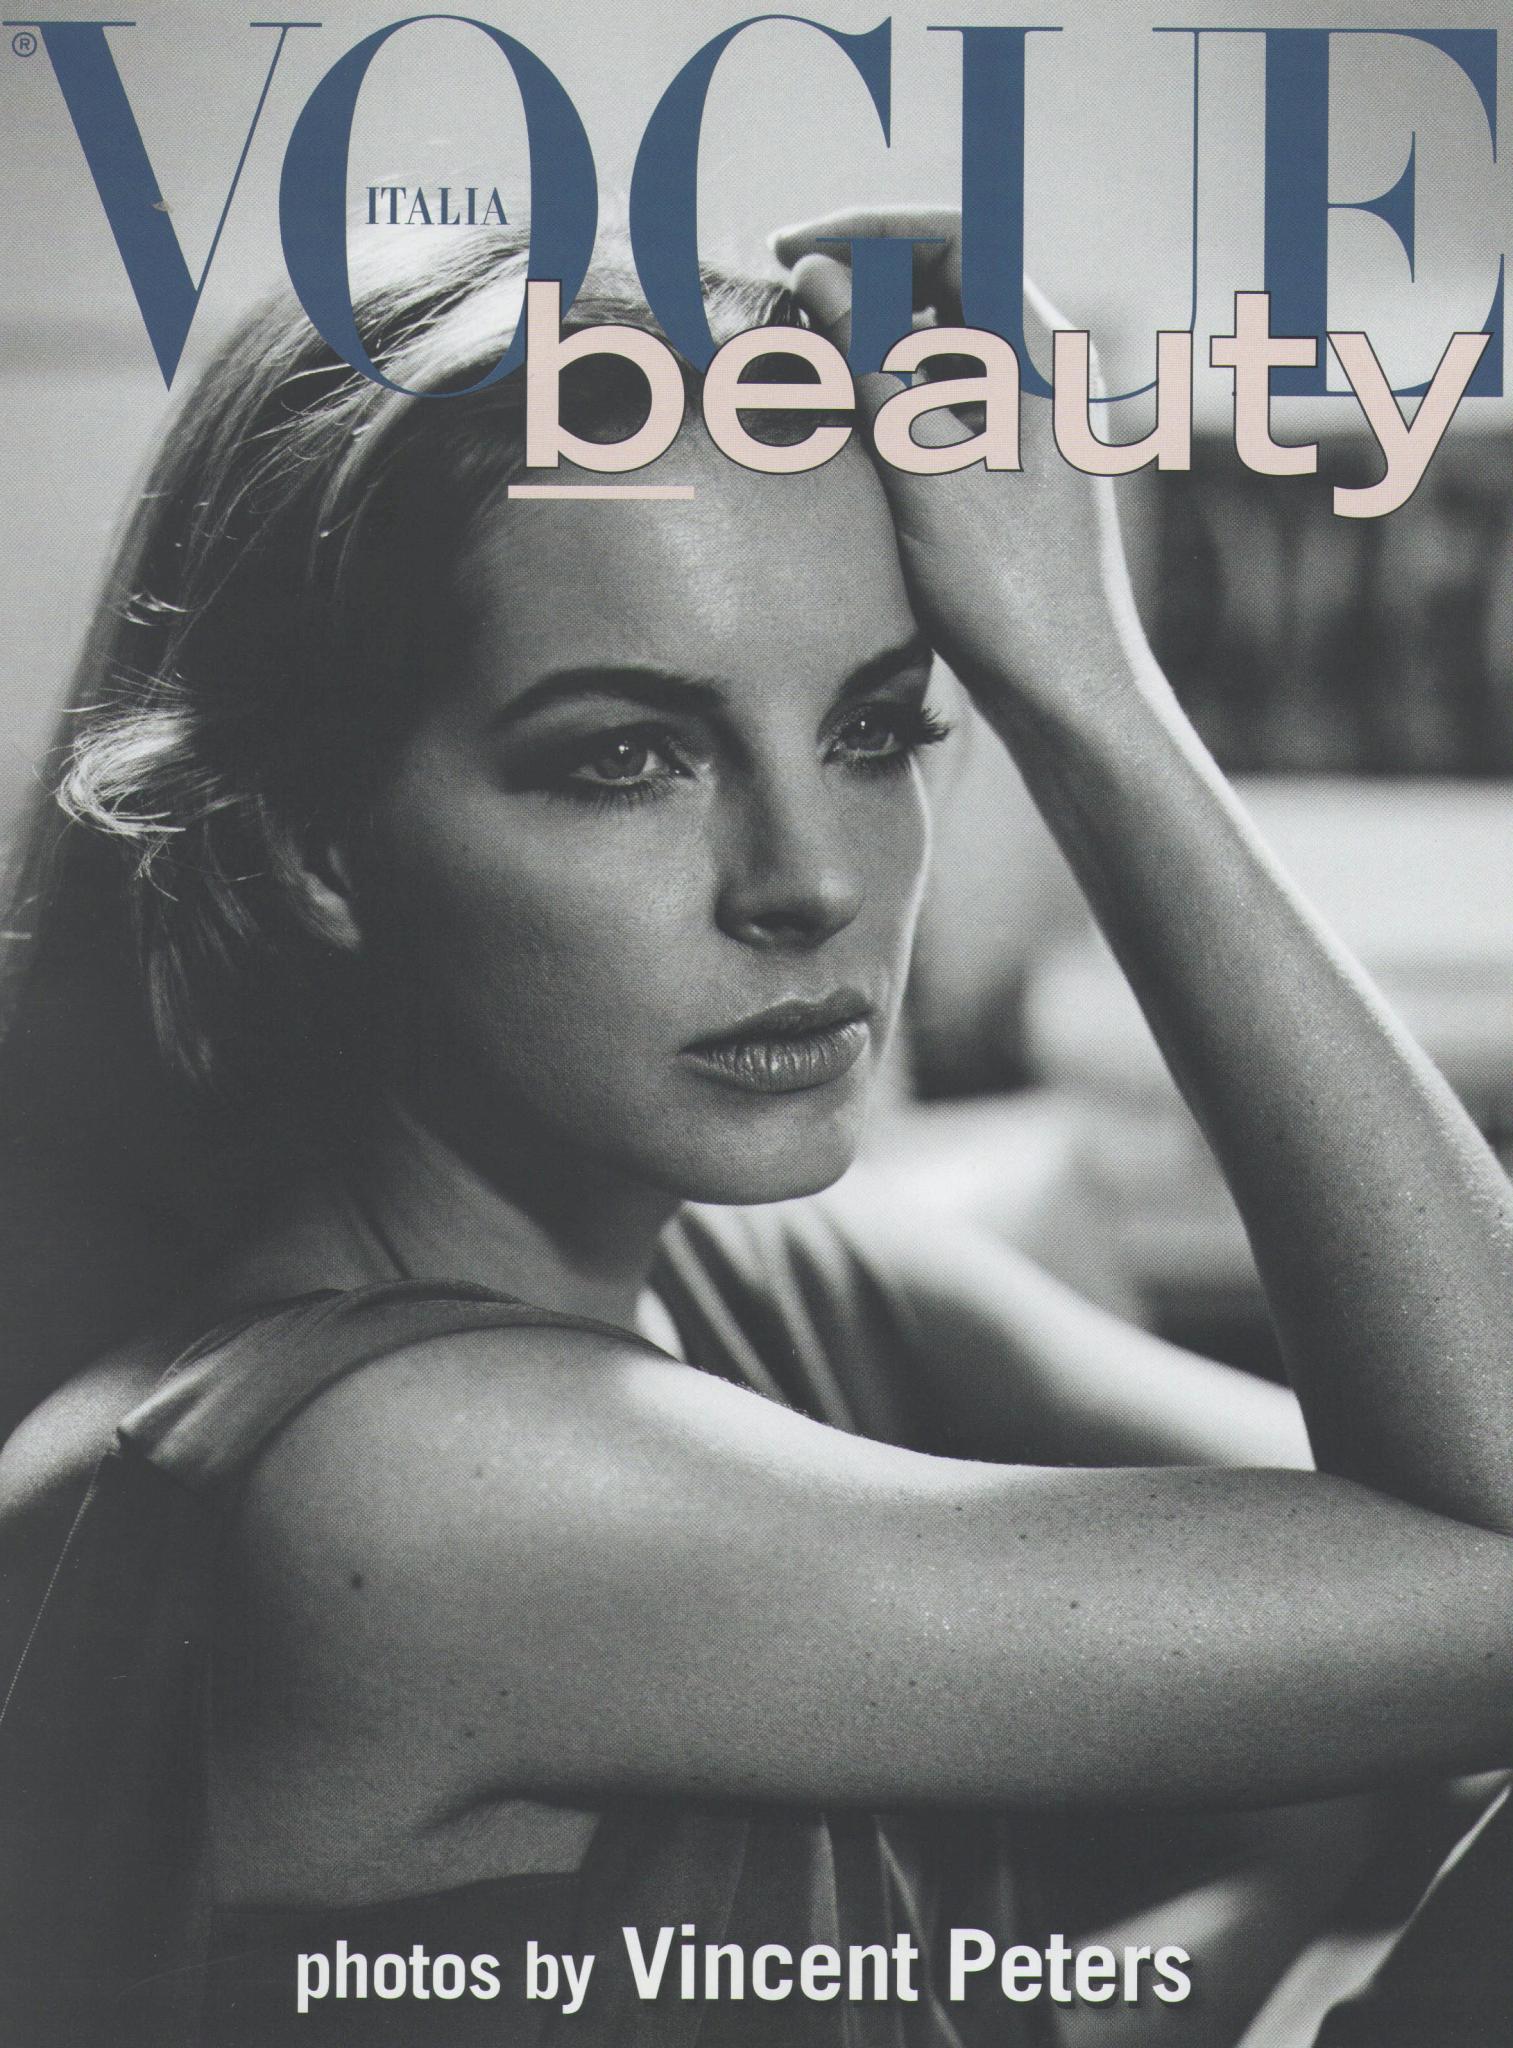 Yvonne Catterfeld ziert das Cover der italienischen Vogue